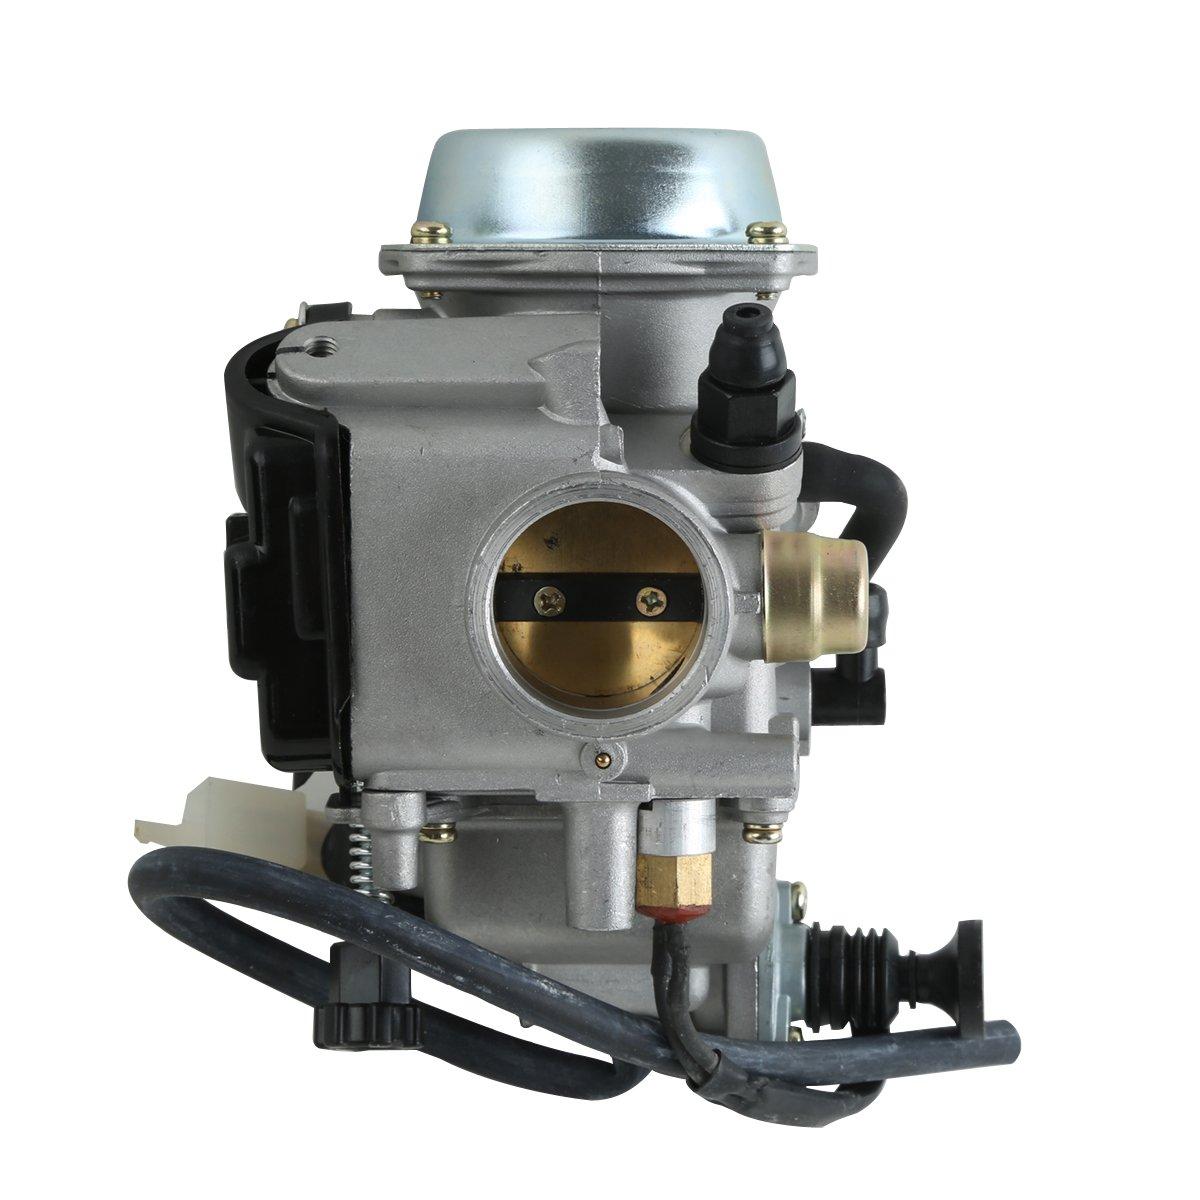 Tengchang Carburetor W/Sensor Carb Fit for Honda 400 FOURTRAX Fit forEMAN TRX400FW 1995-2003 ATV